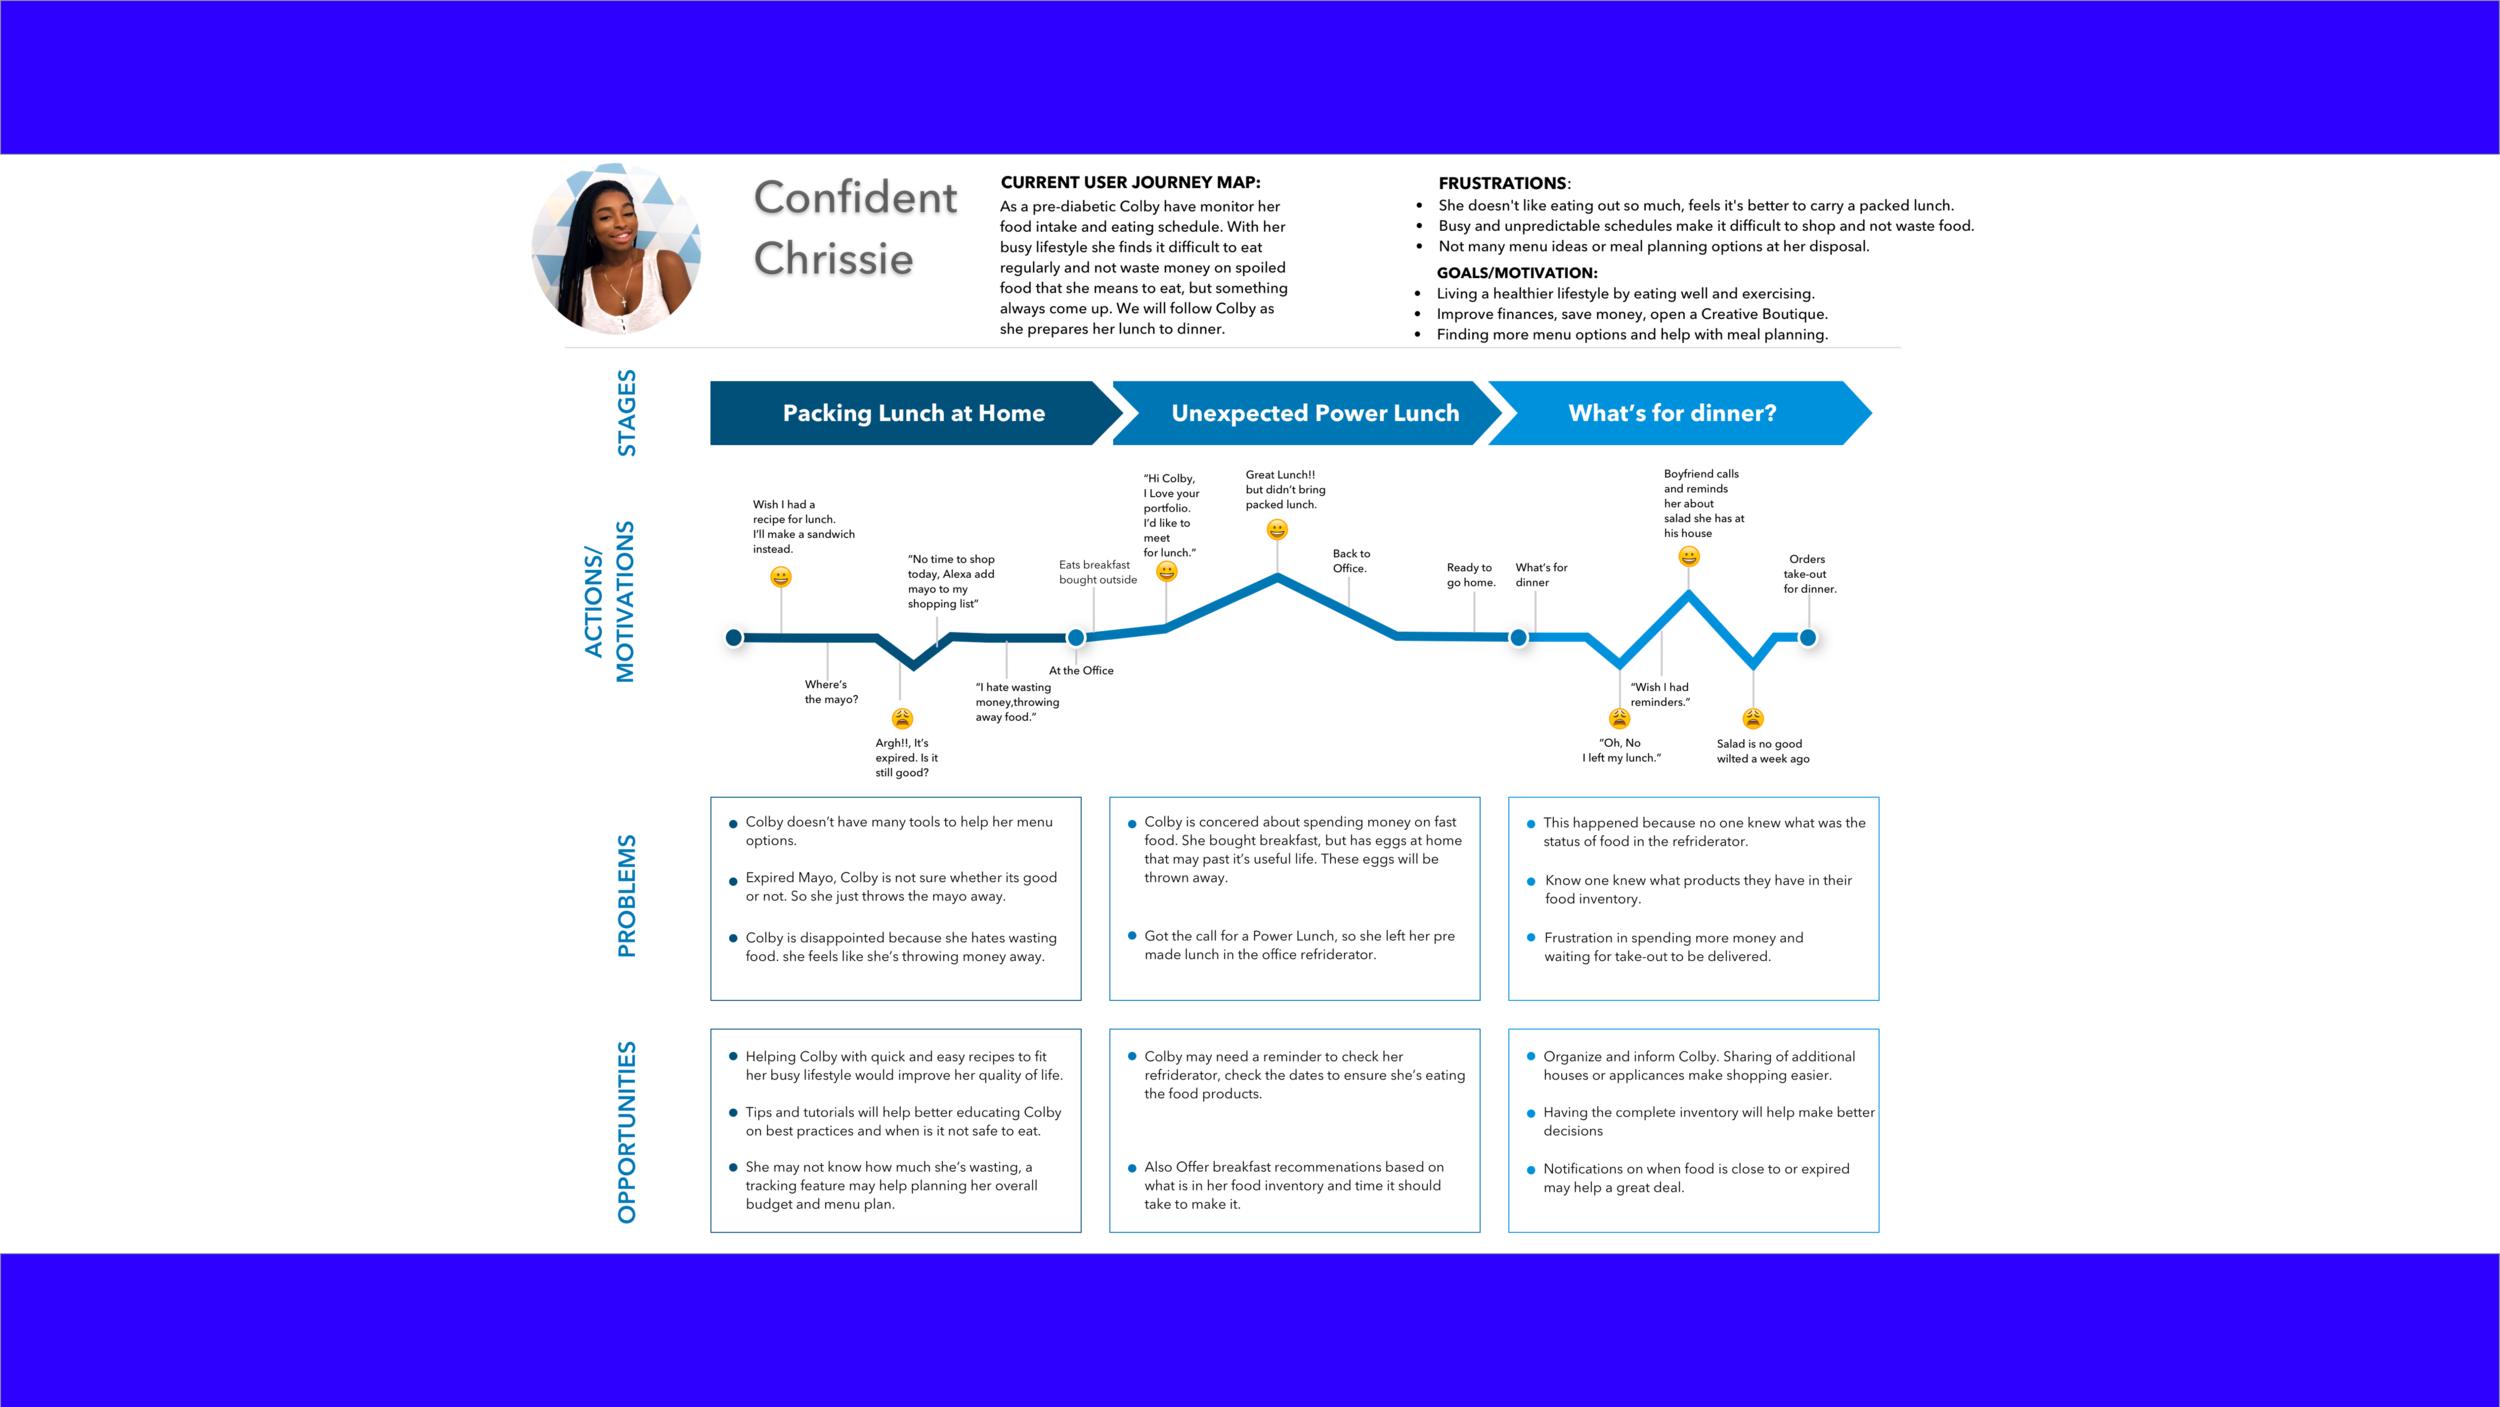 Chrissy user journey presentation.png